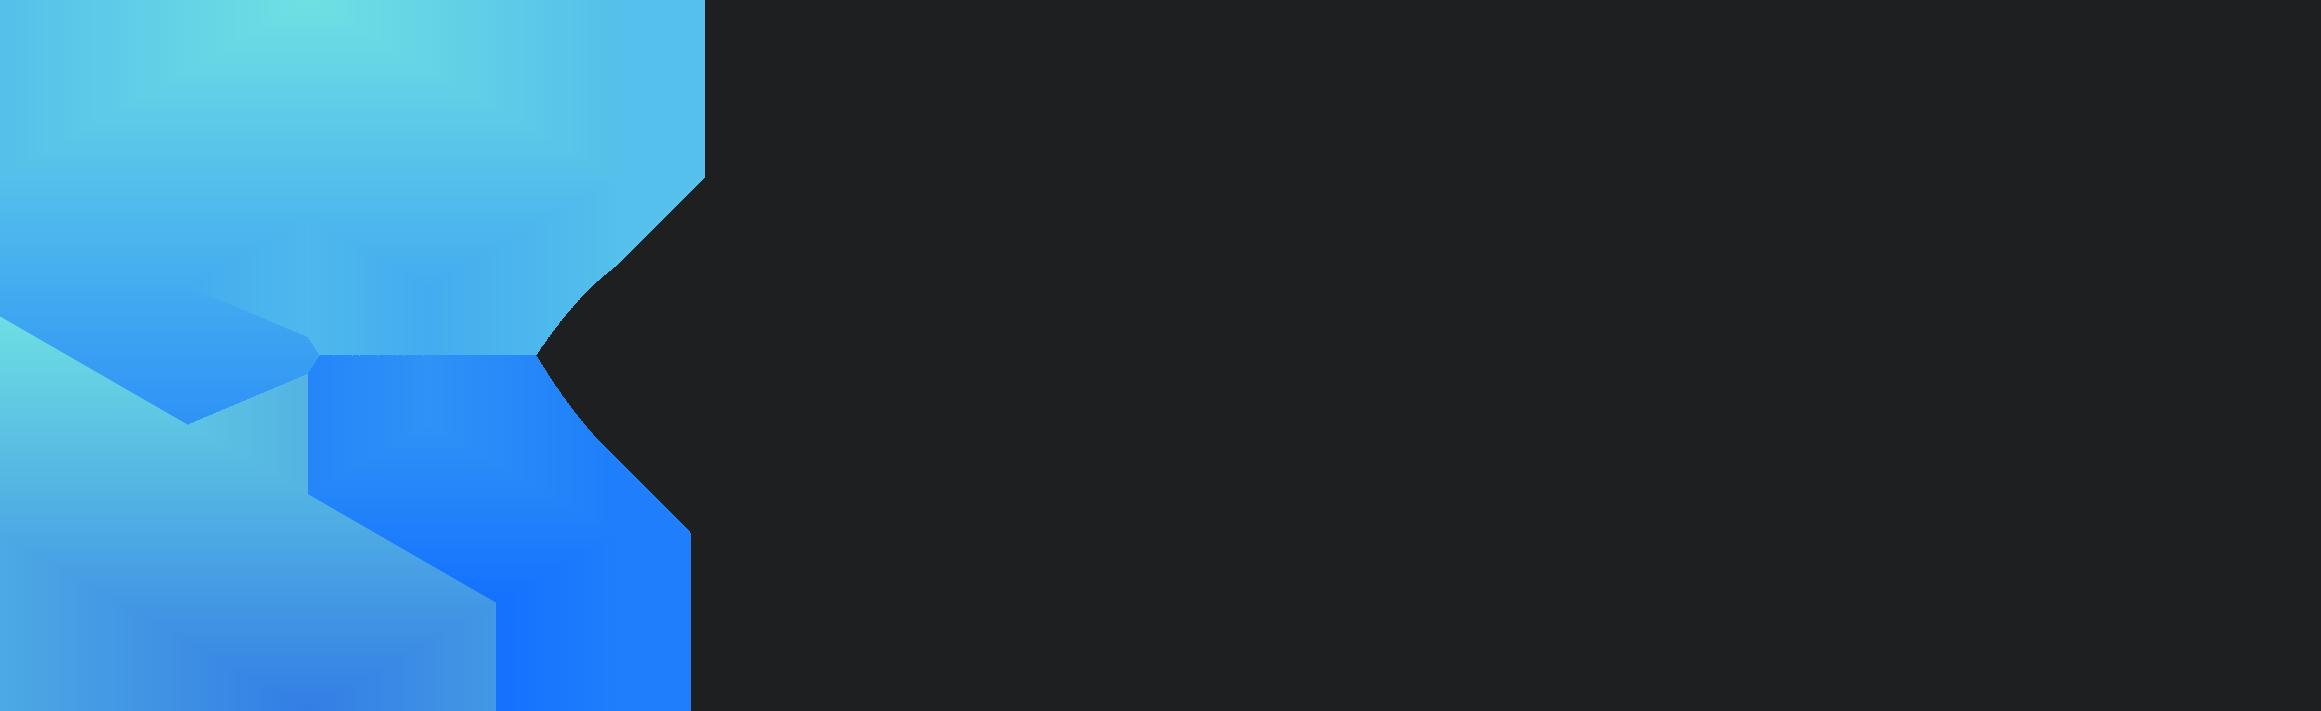 Cozyzon